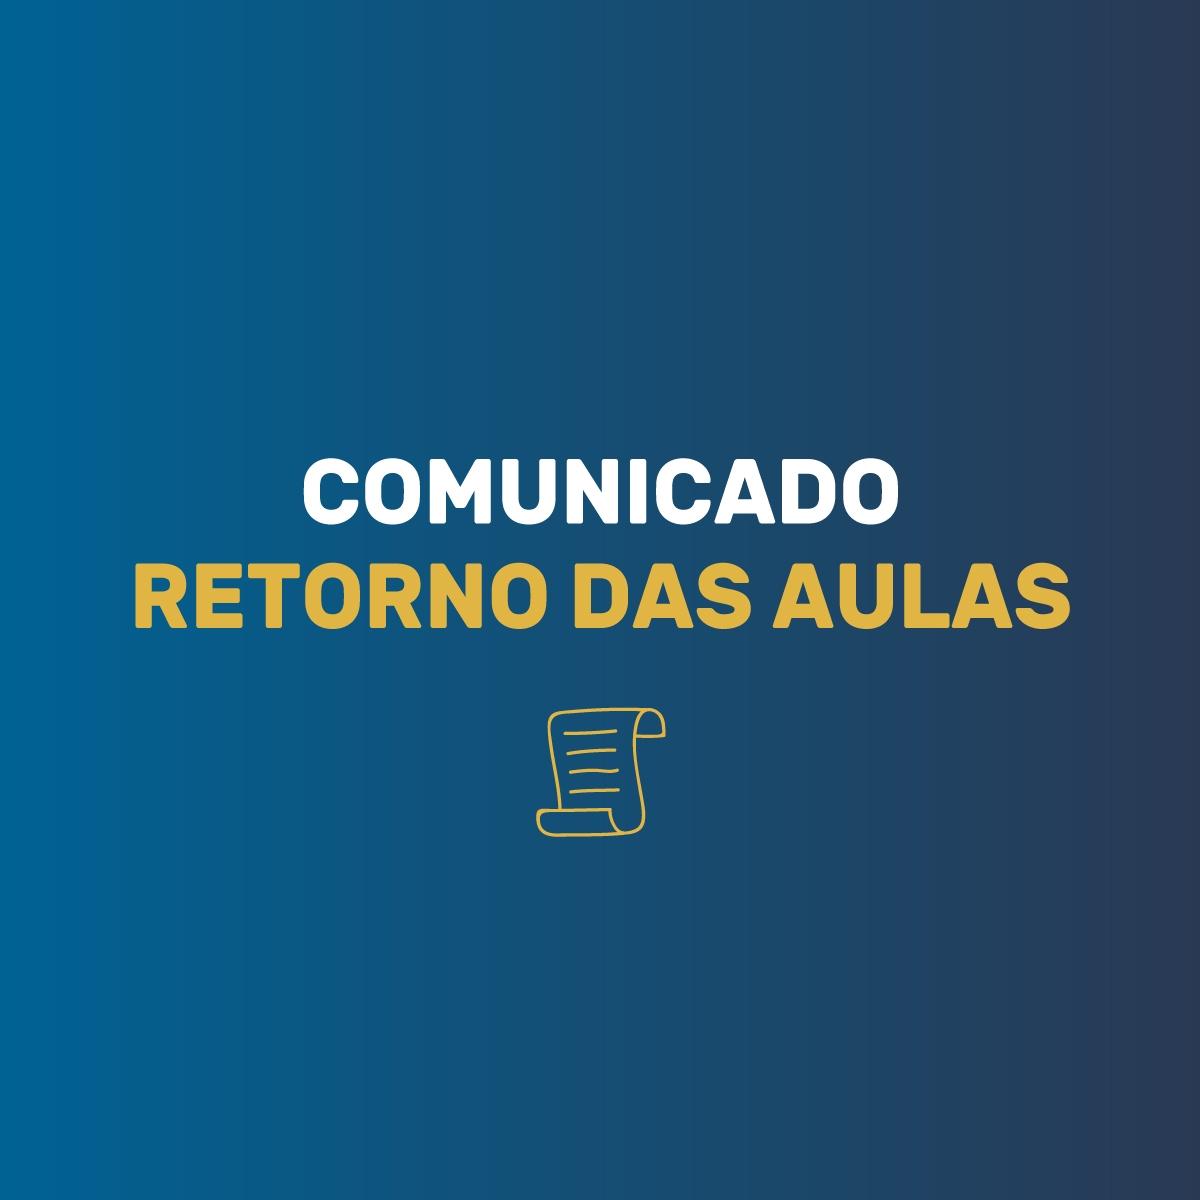 COMUNICADO OFICIAL CETEM: Retorno das aulas